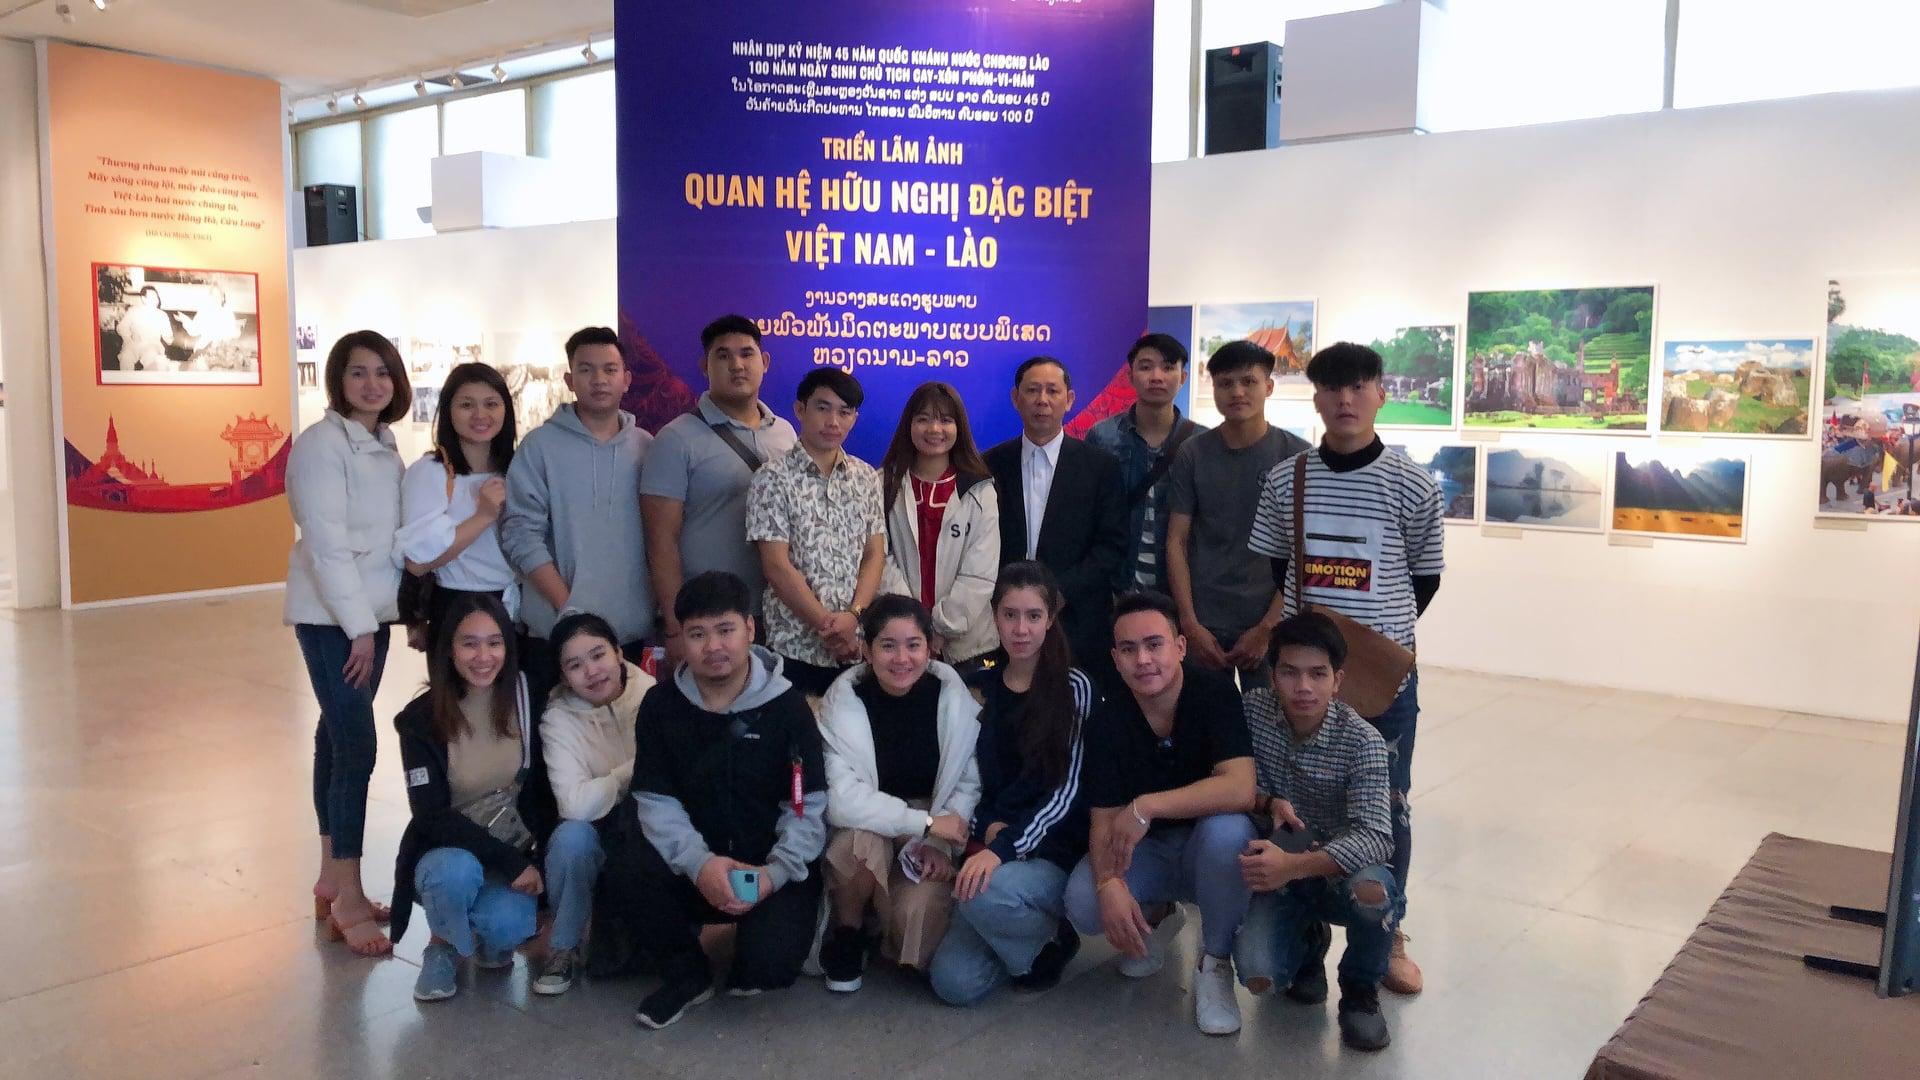 Tổ chức thăm Lăng Chủ tịch Hồ Chí Minh cho sinh viên Lào nhân kỷ niệm Quốc khánh CHDCND Lào